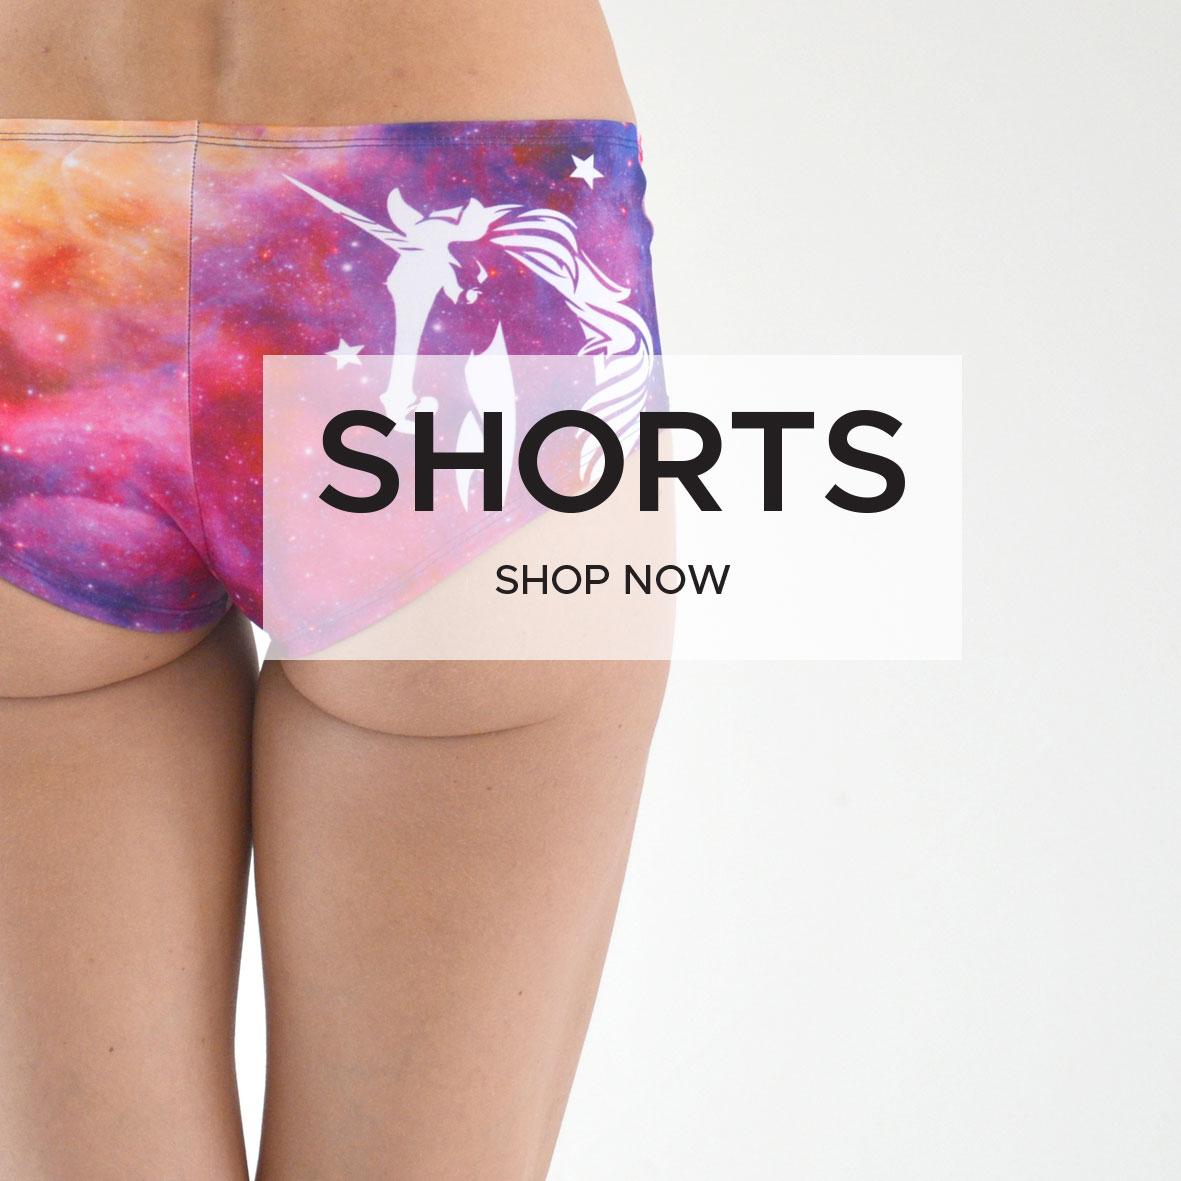 boomkats pole dance clothes shorts